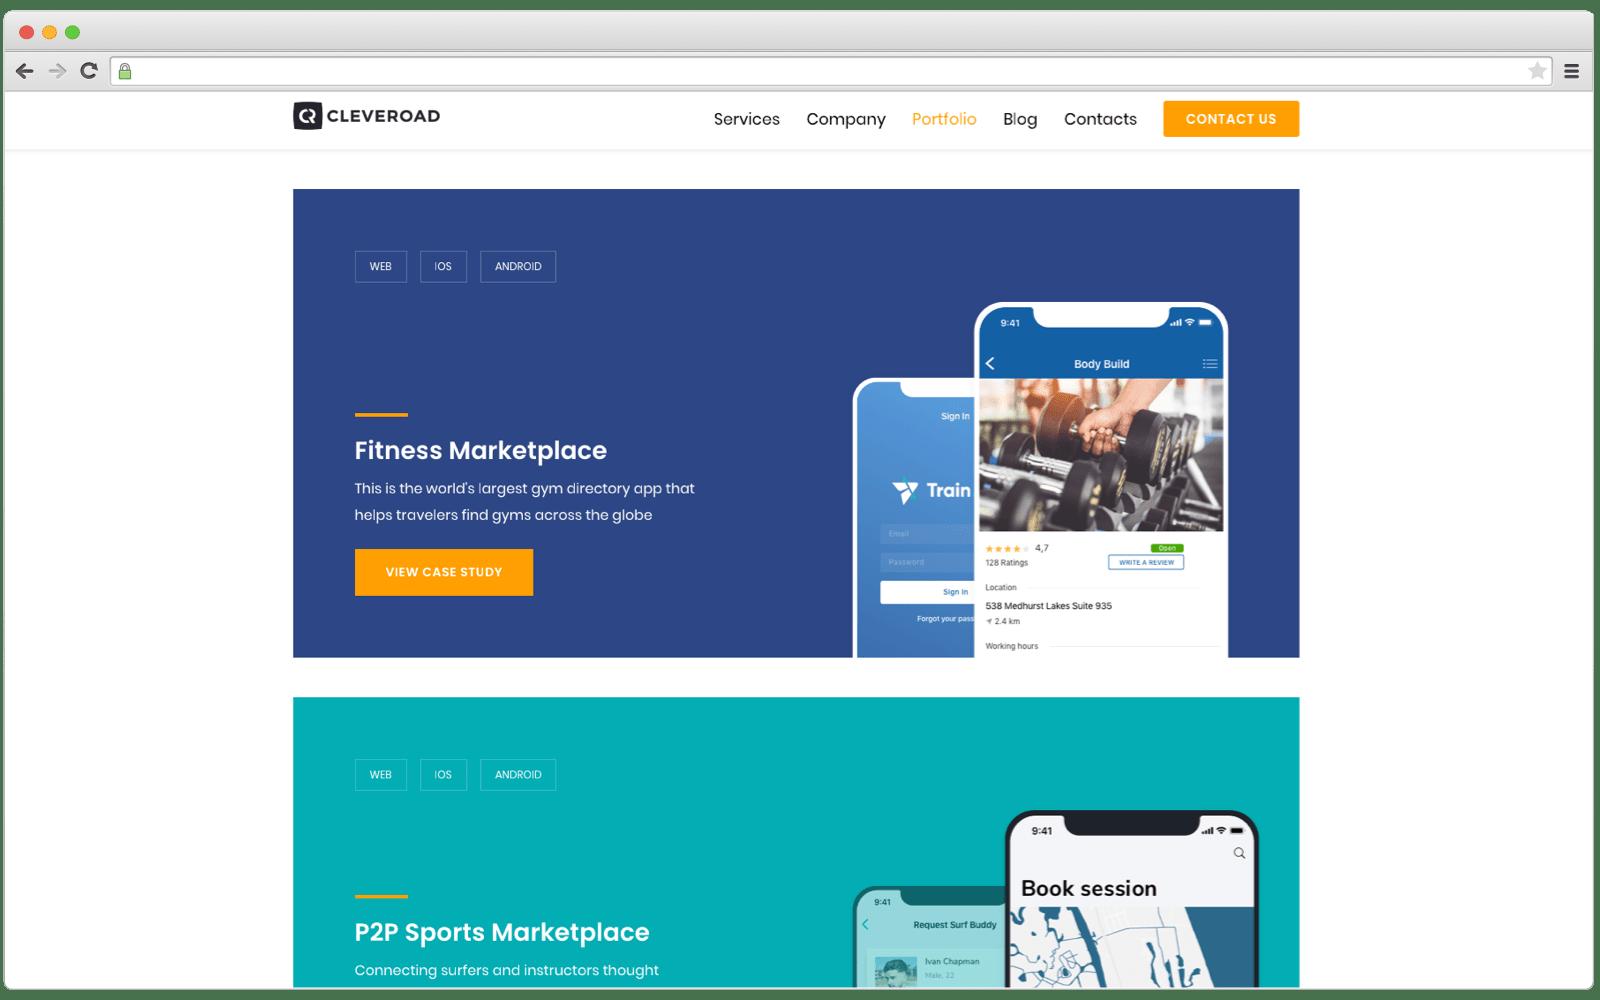 Software vendor's portfolio